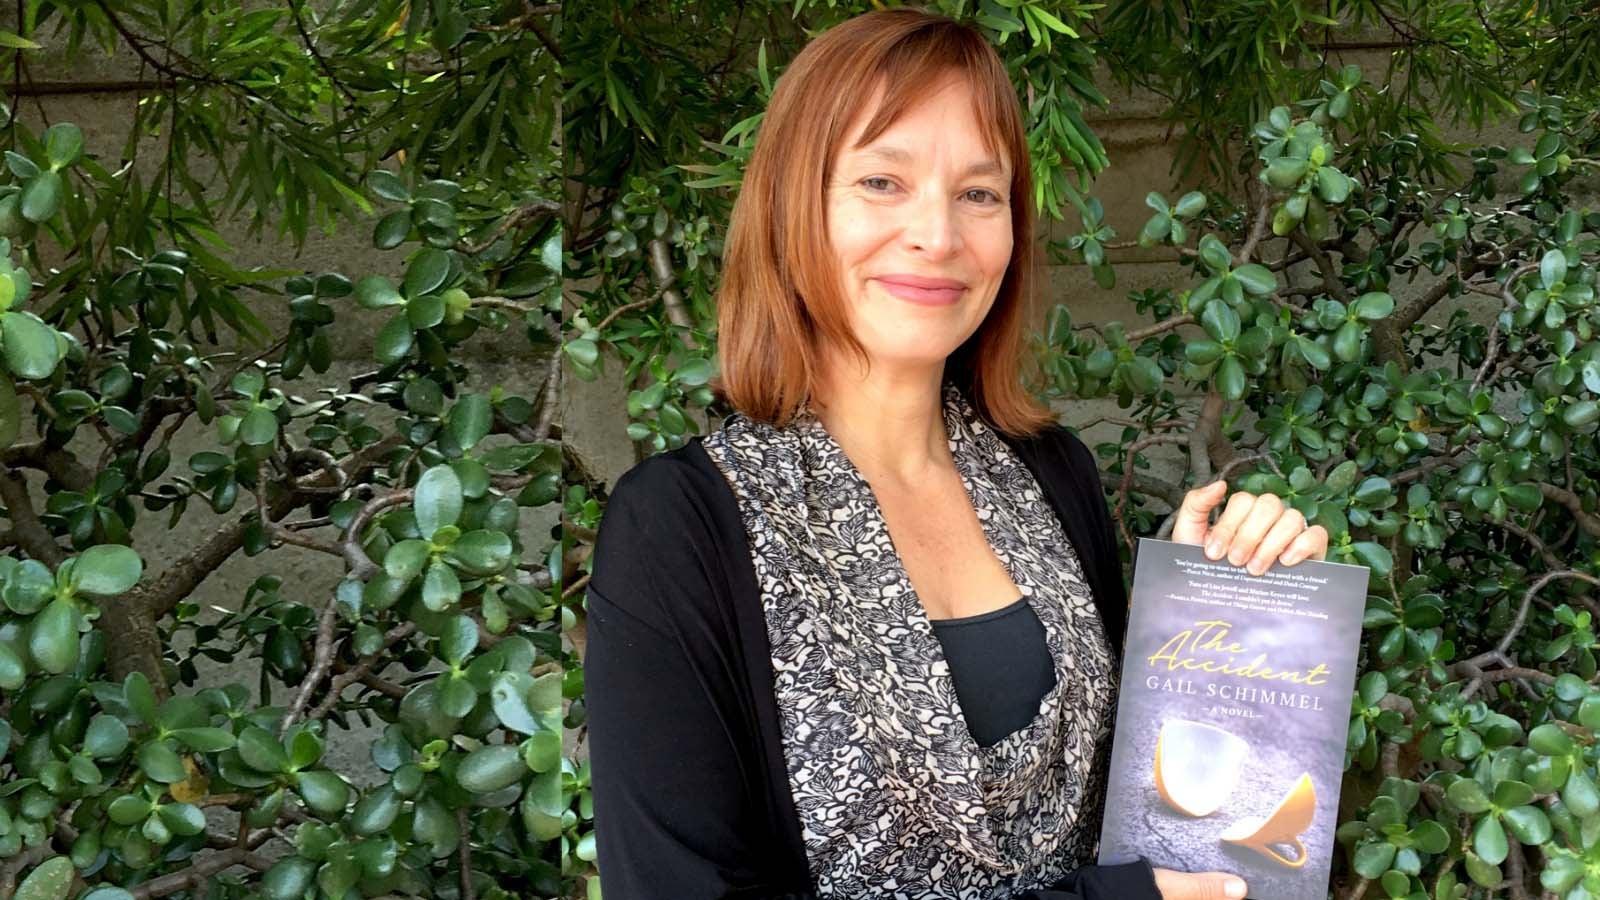 Gail Schimmel - Cover Image blogpost.jpg